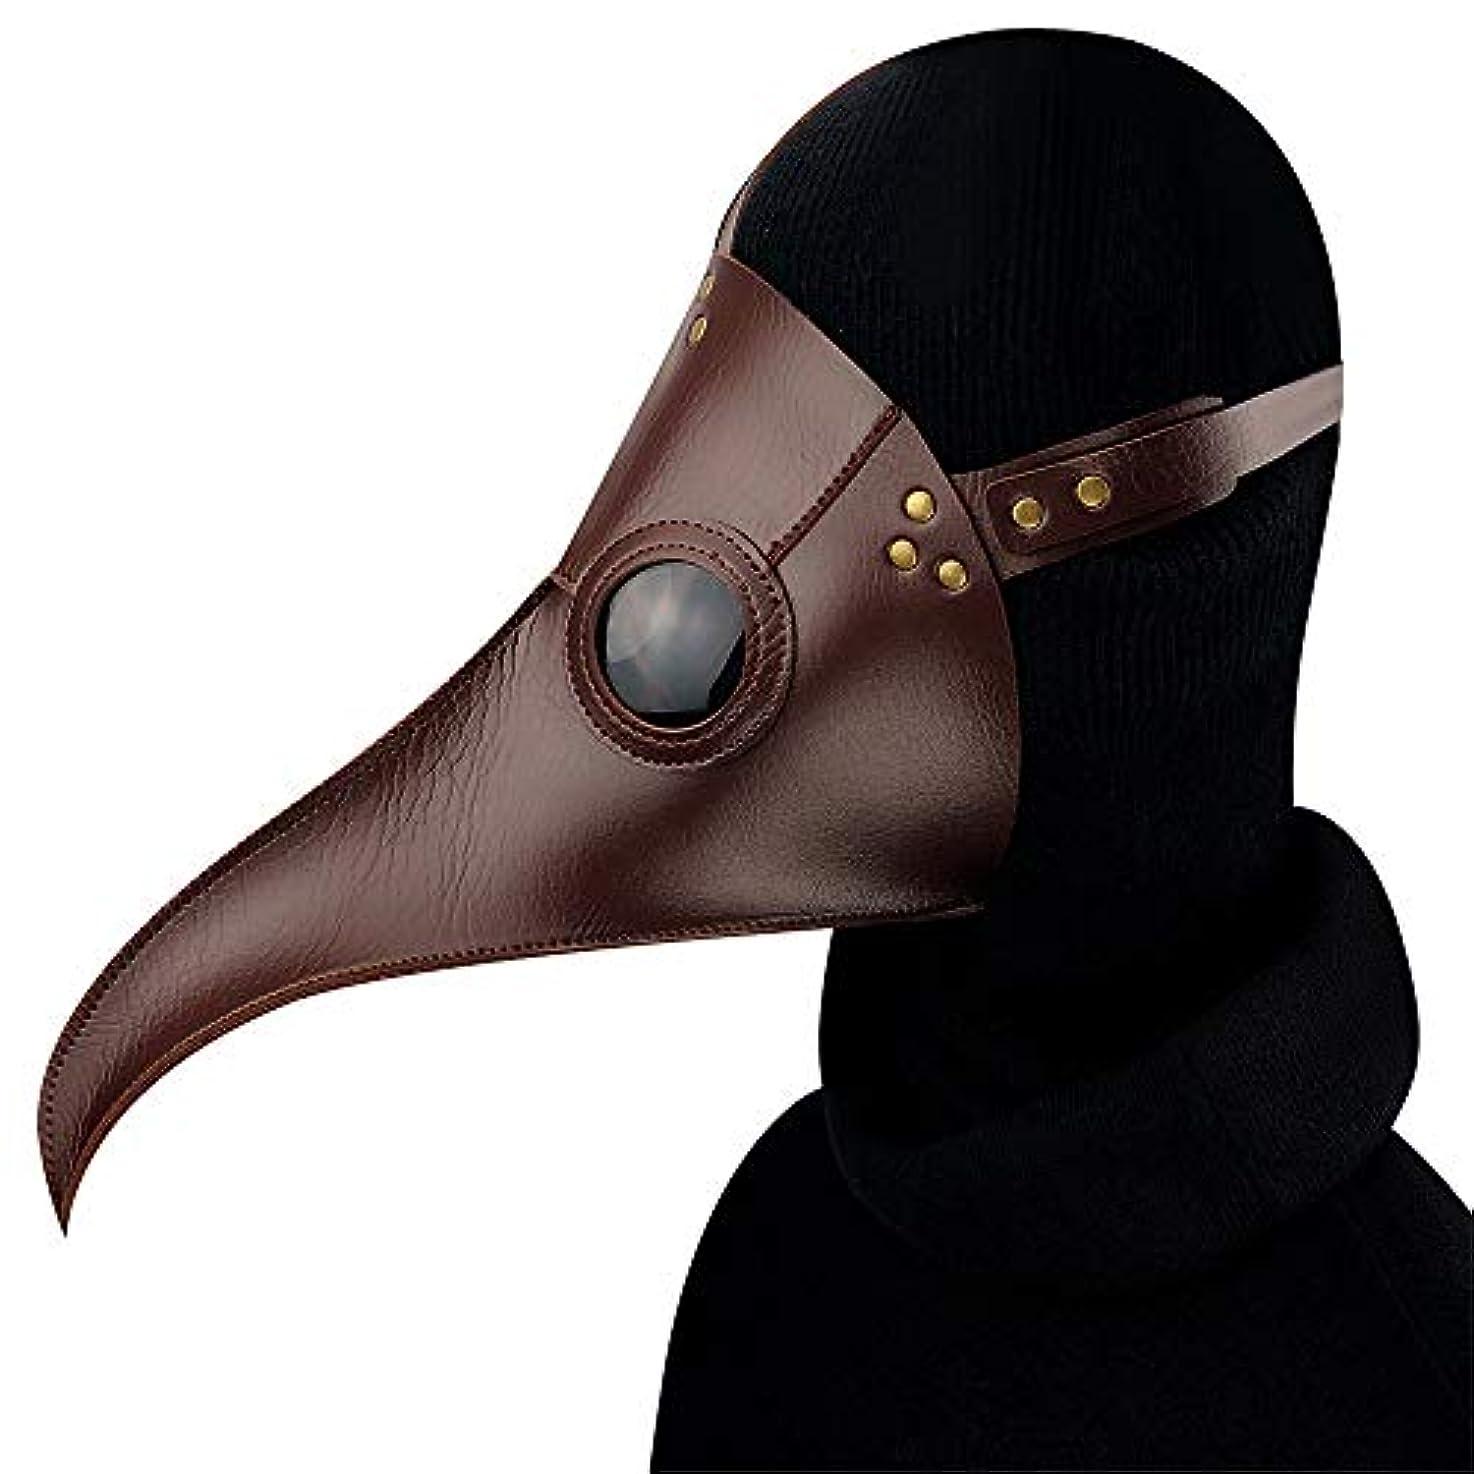 ディスク資産船上ブラウンスチームパンクペストロングバード口マスクハロウィンプロップギフトロング鼻バードマスク